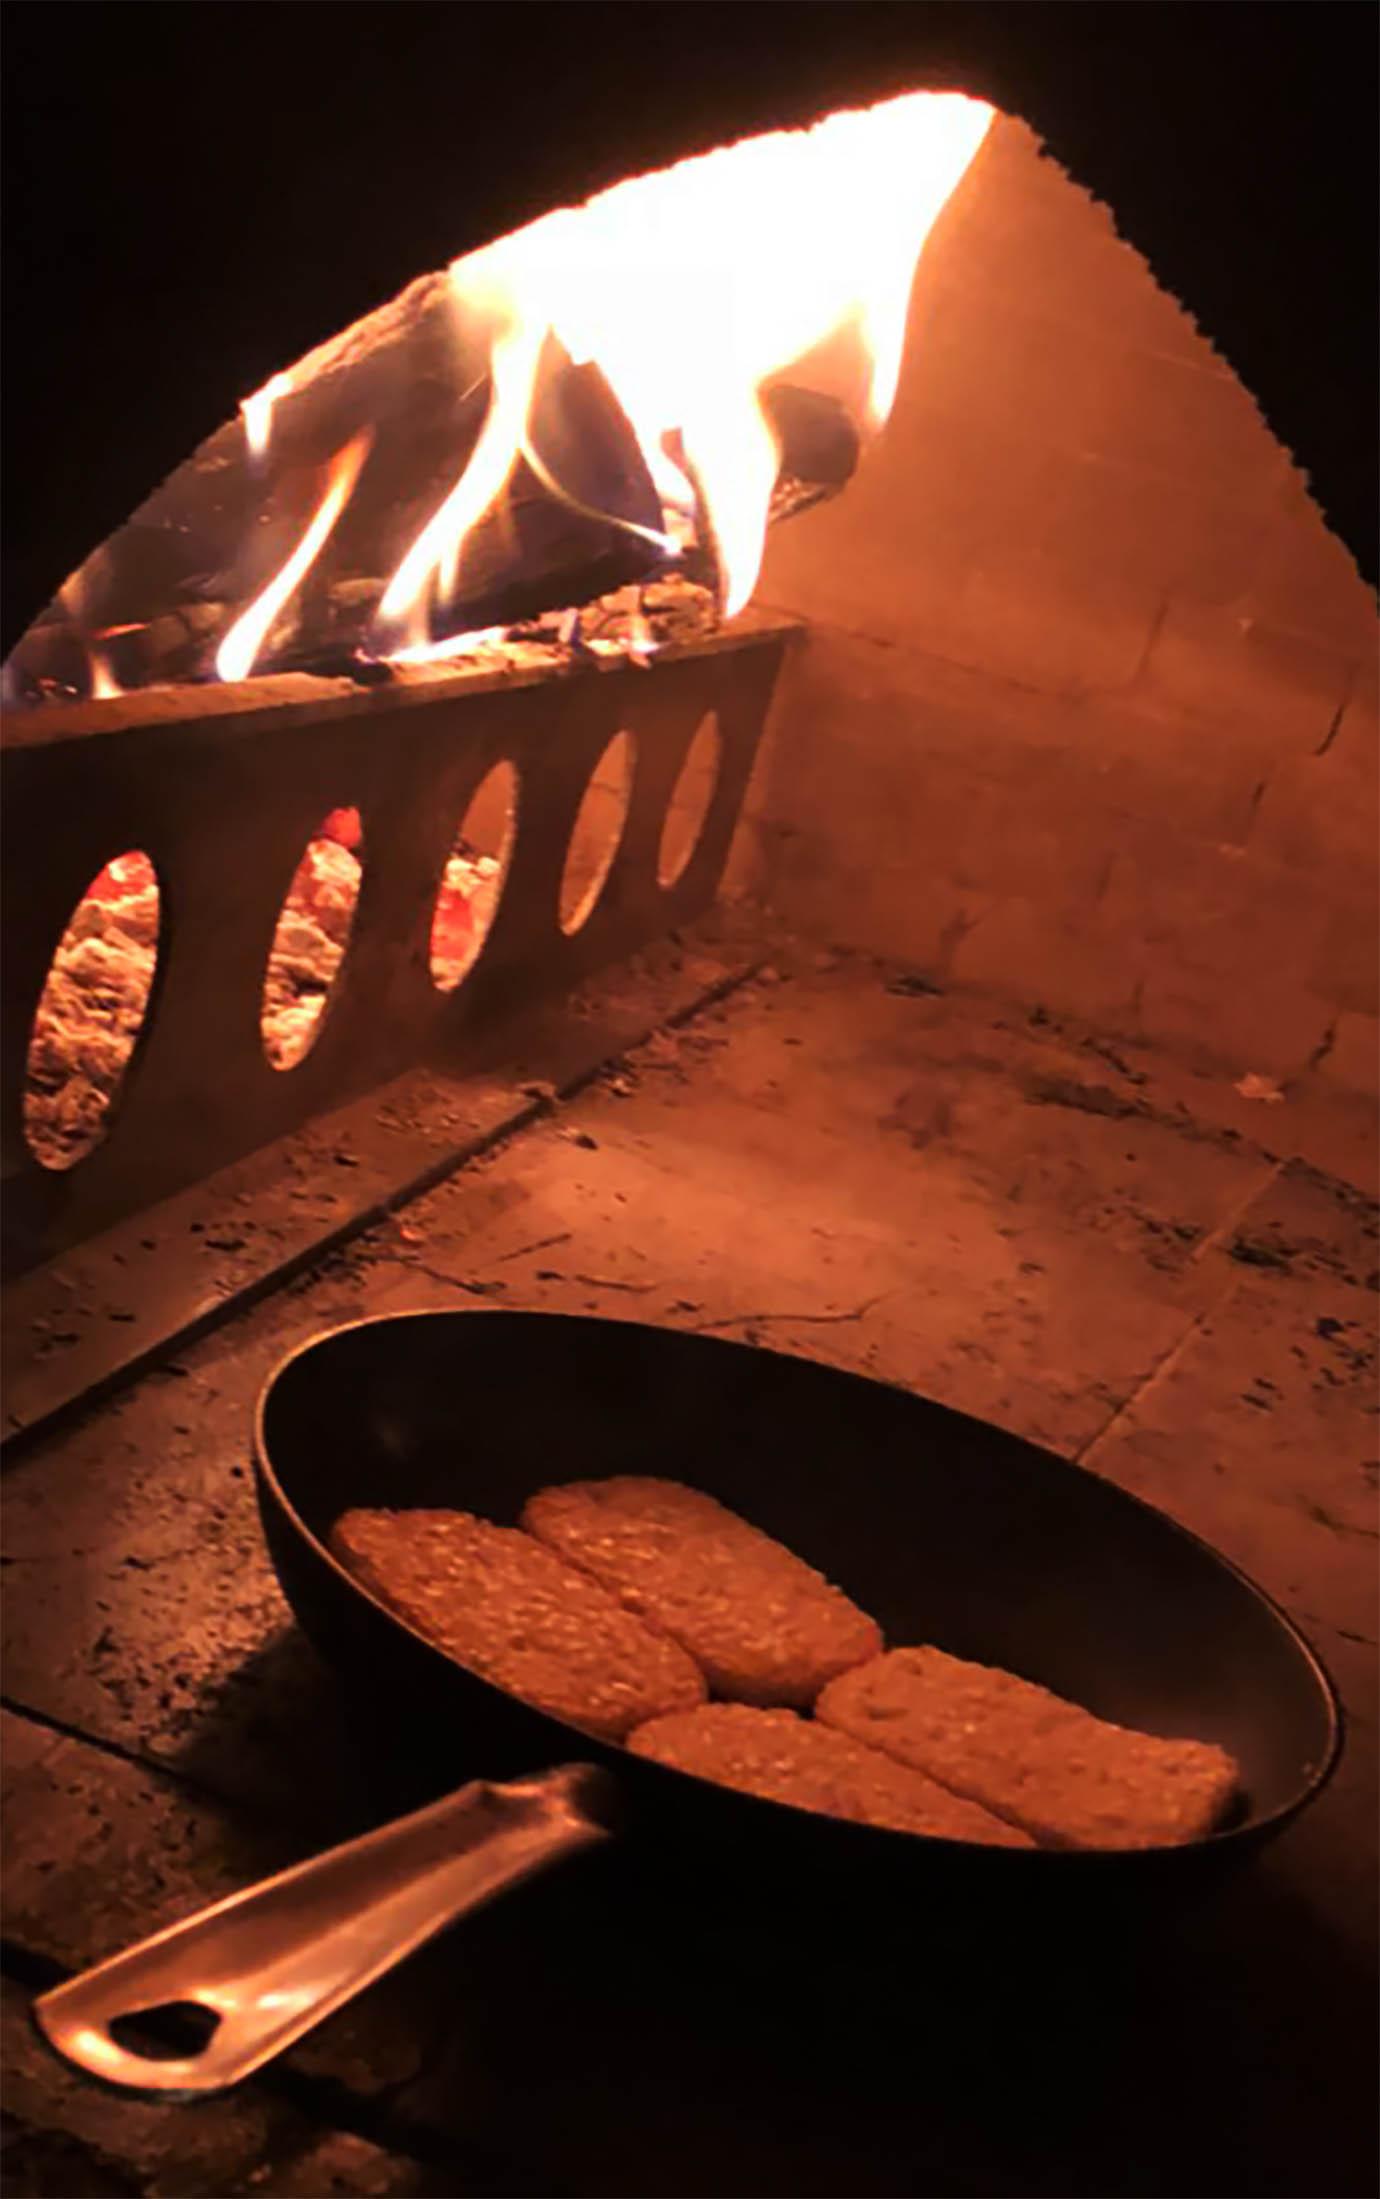 pizzeria-romana-ilpentito-pizza34